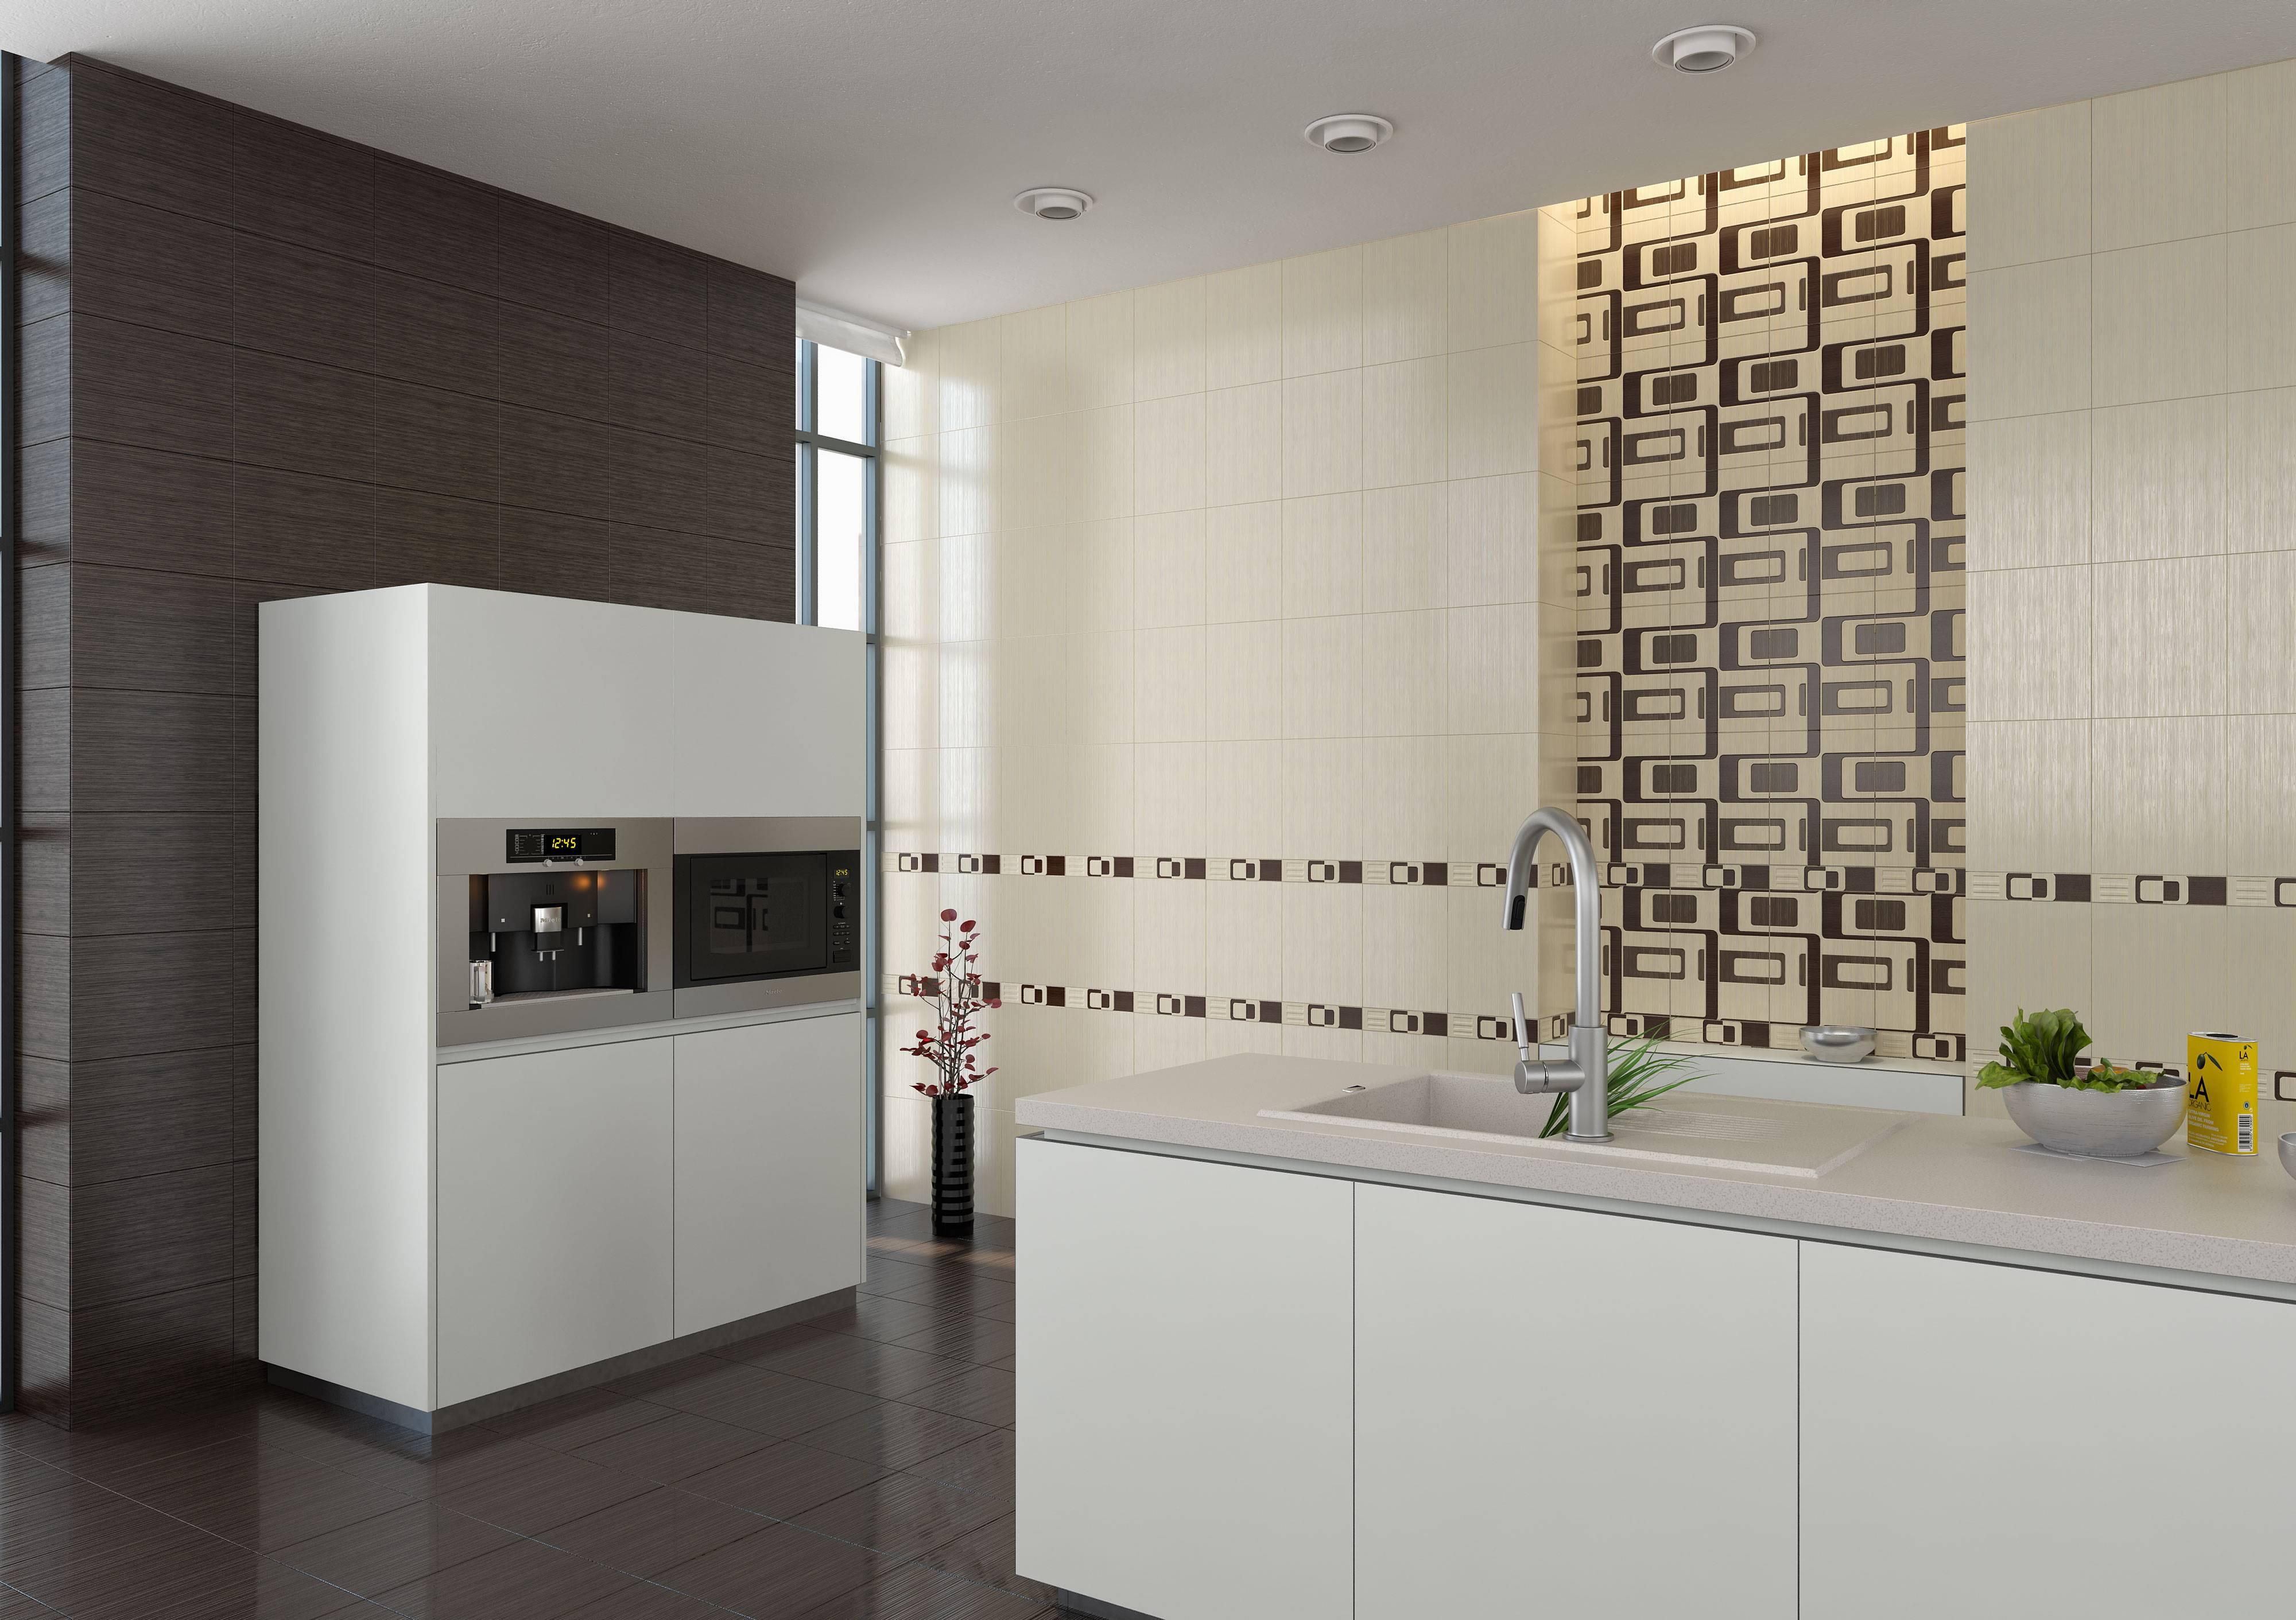 Плитка golden tile: украинские настенные керамические покрытия, отзывы